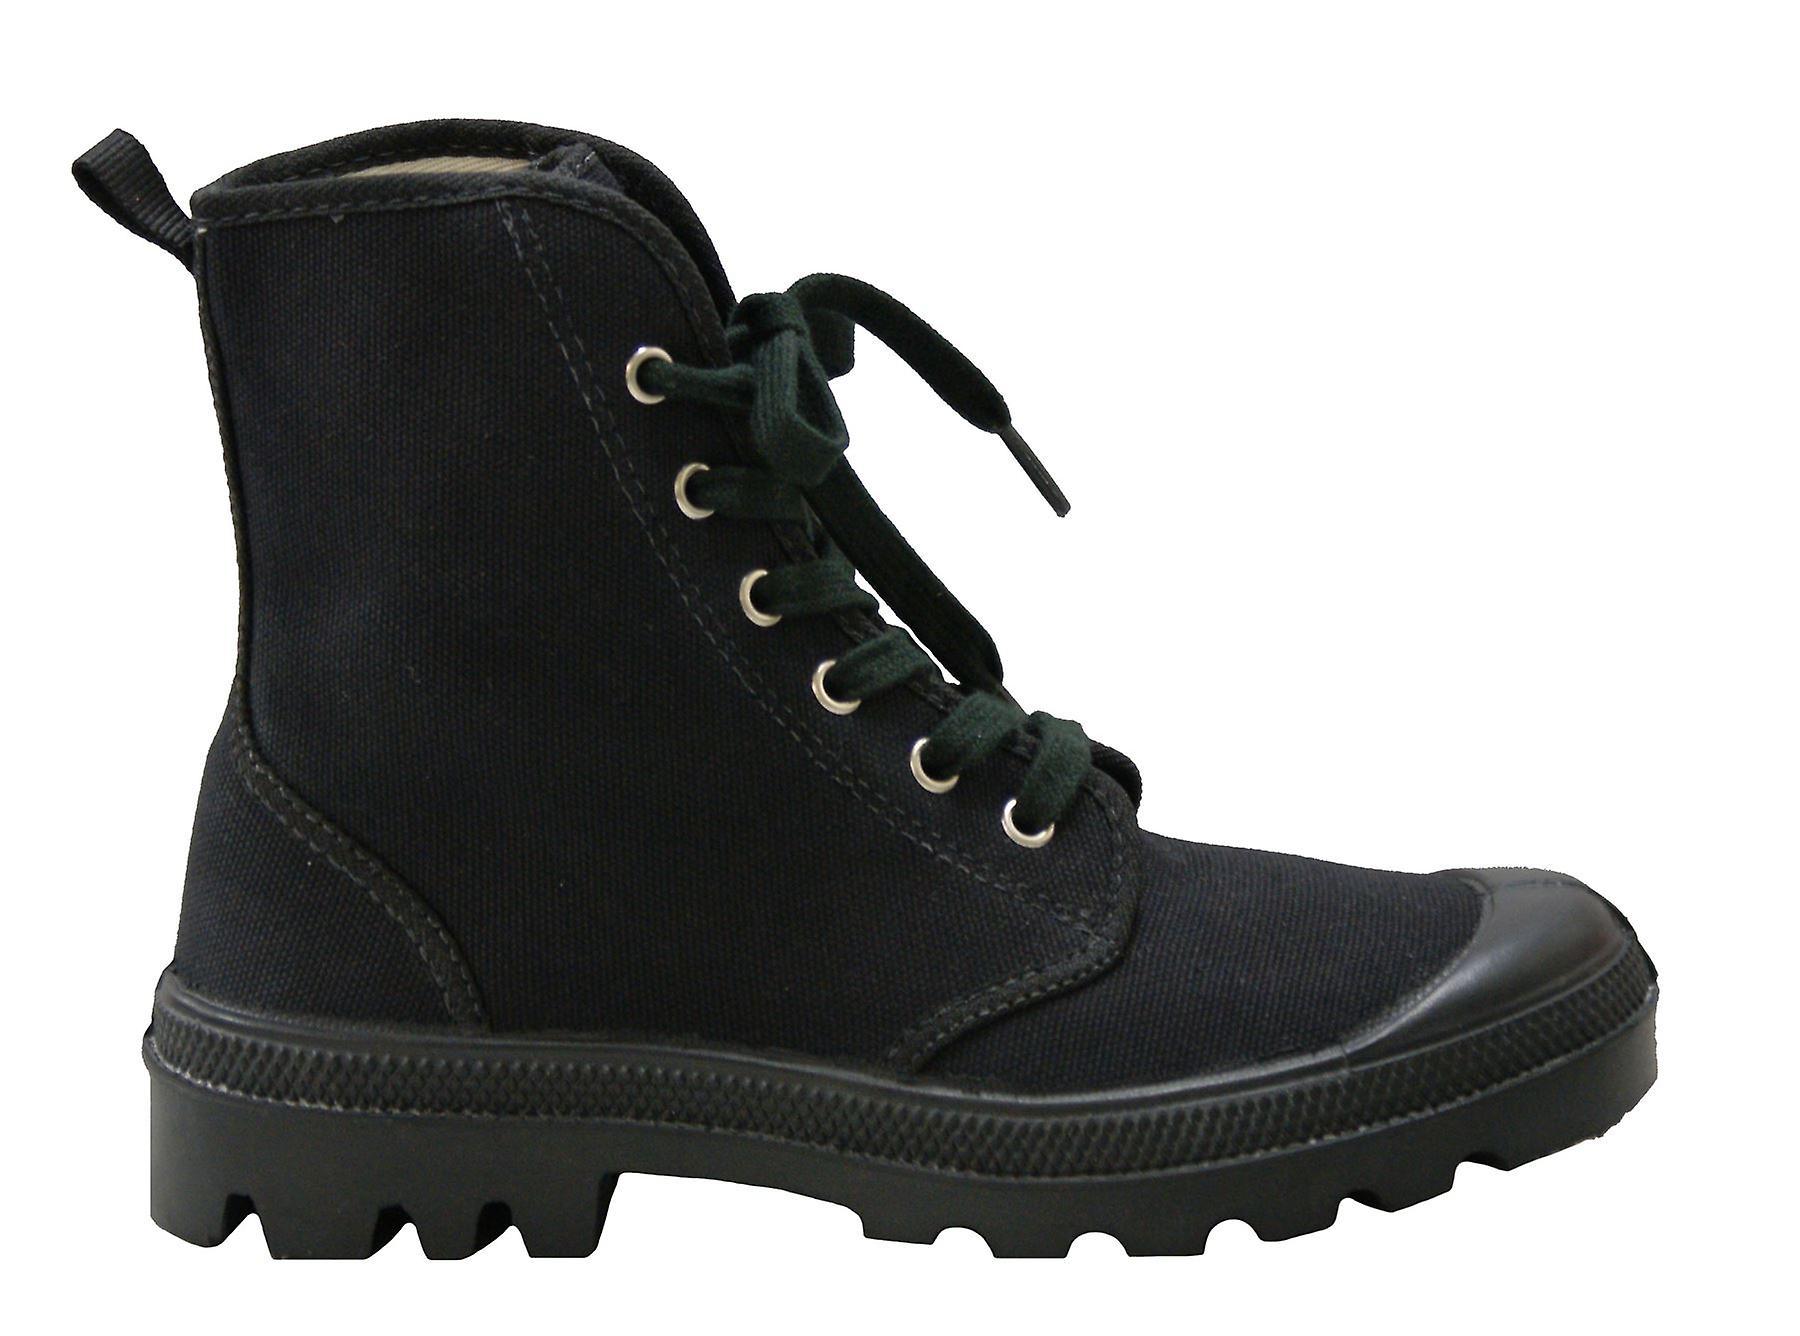 Unisex Schuhe Hallo Pampa Canvas Stiefel Schuhe